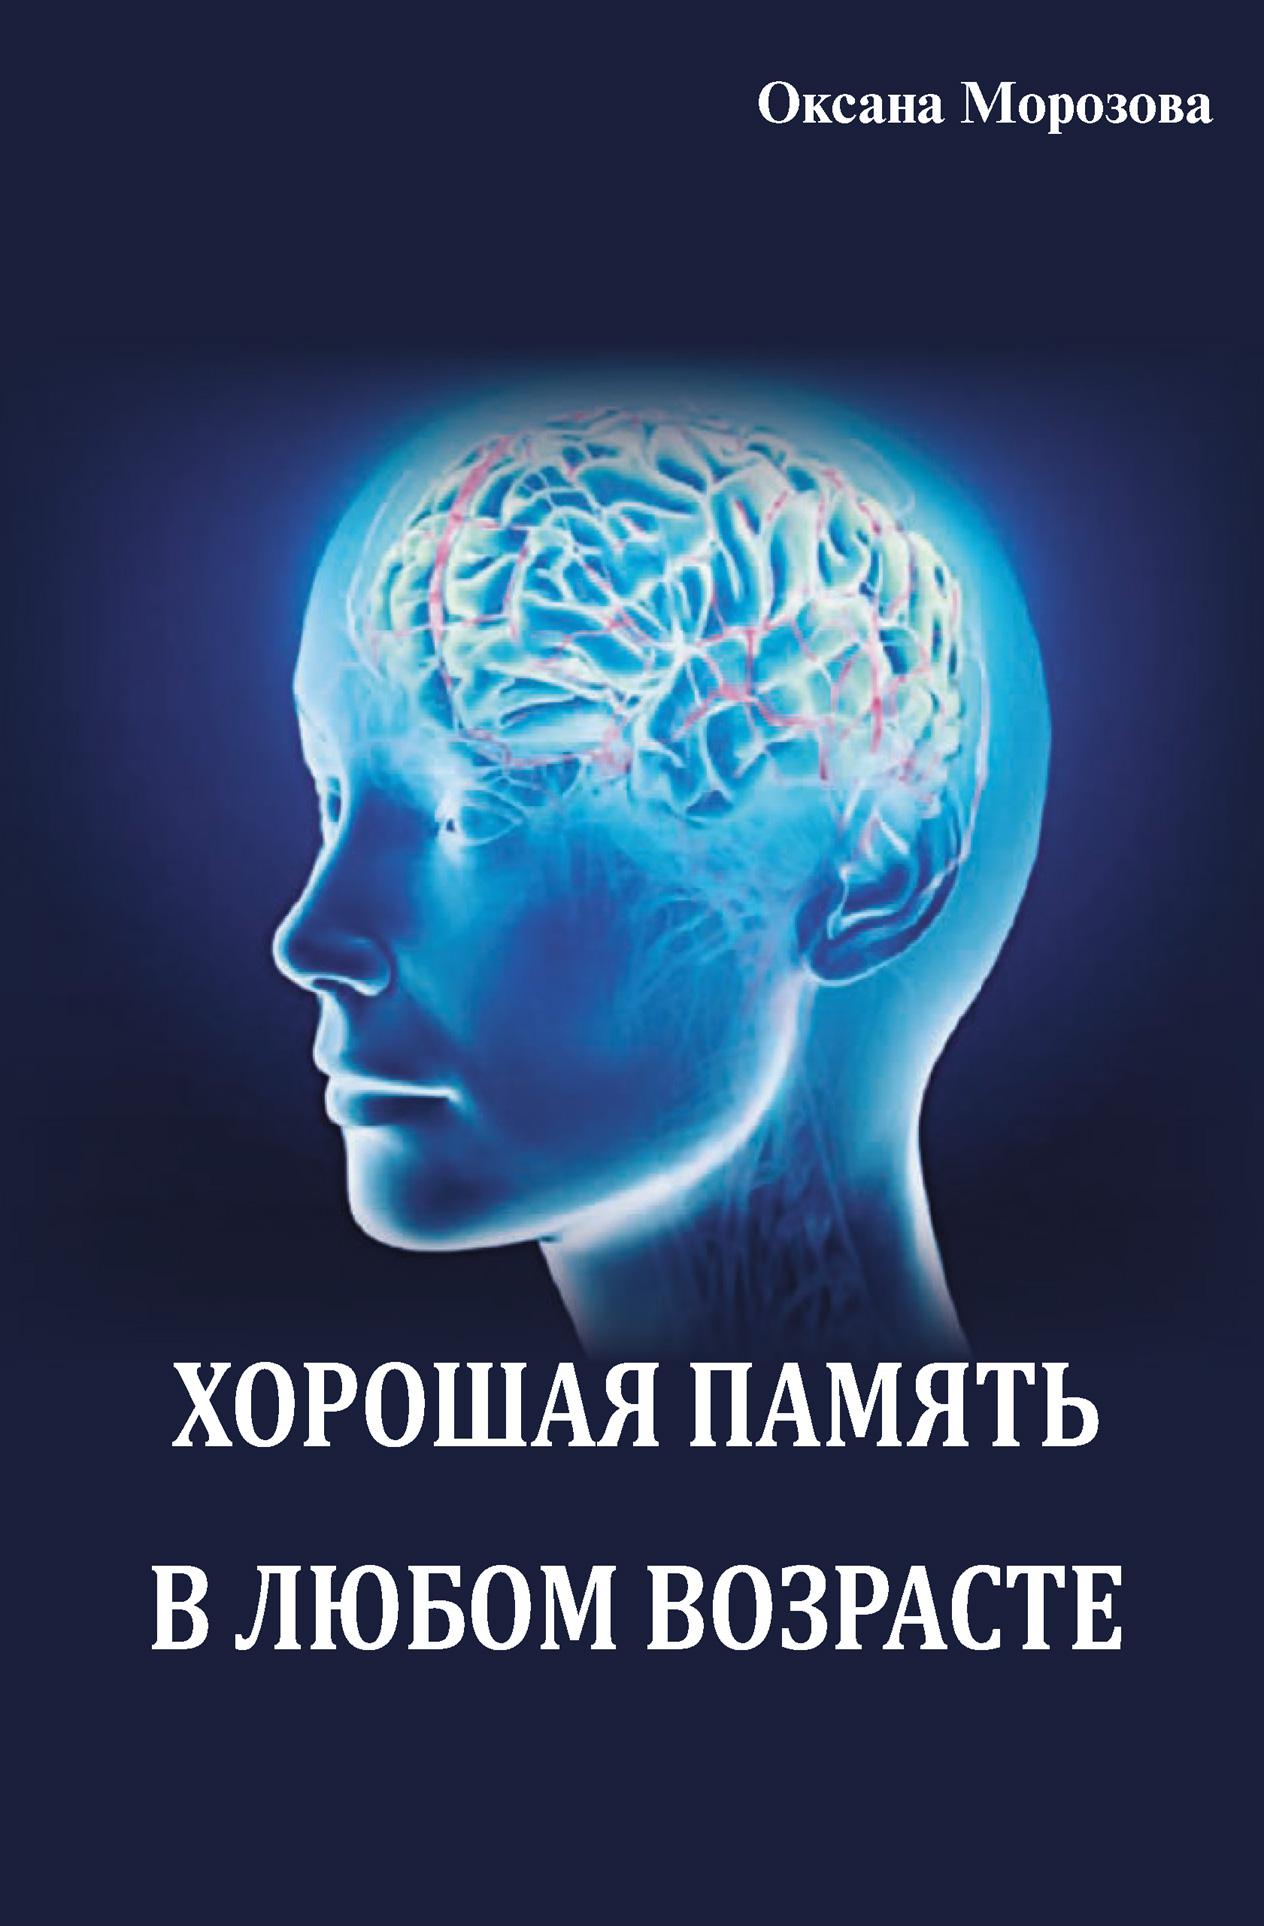 Оксана Морозова Хорошая память в любом возрасте кумакшев в к память